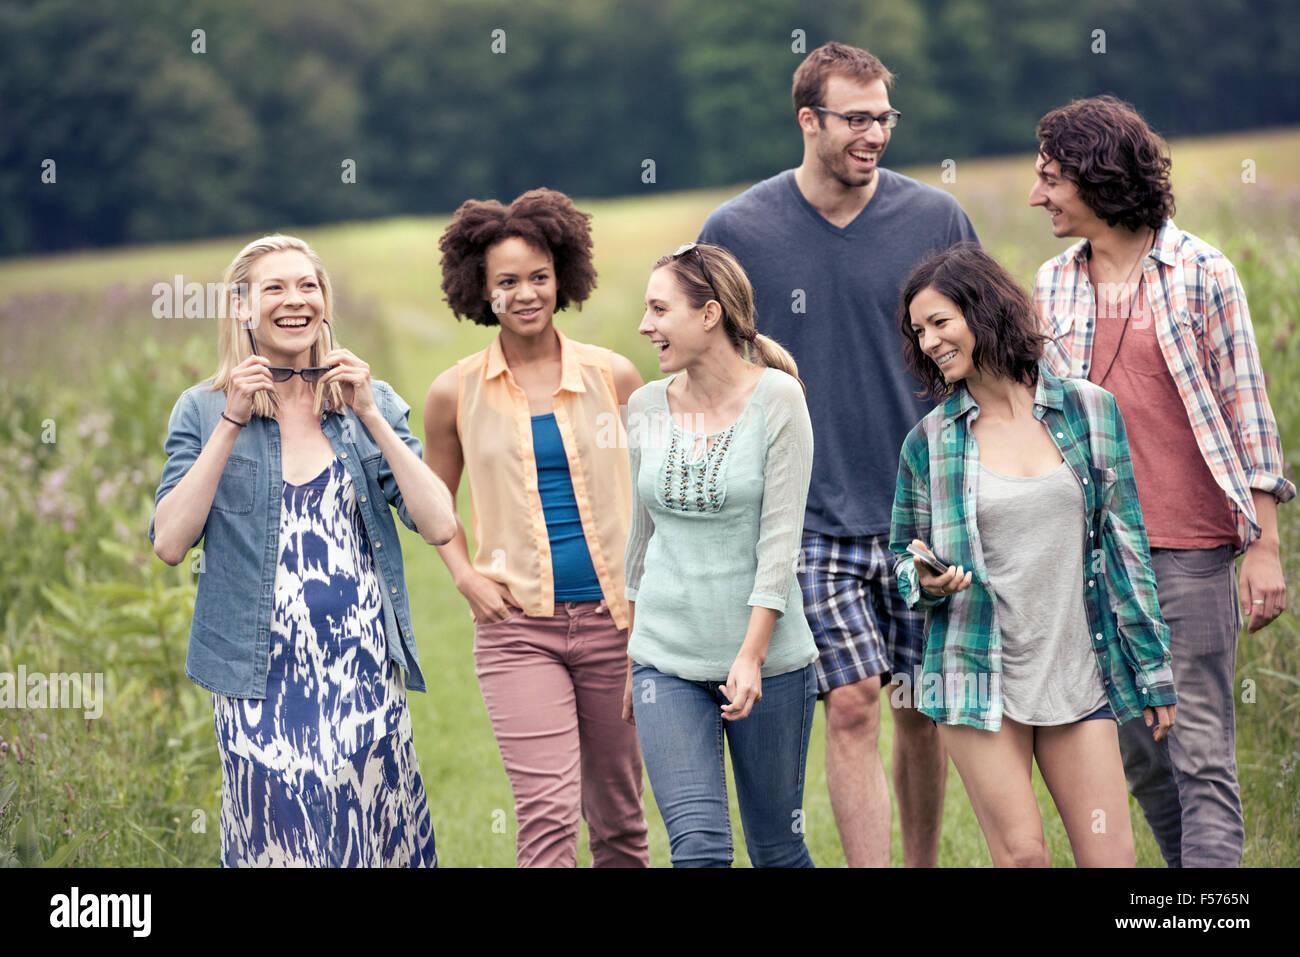 Eine Gruppe von Menschen, ein Mann und fünf Frauen, ein Spaziergang durch die Landschaft. Stockbild